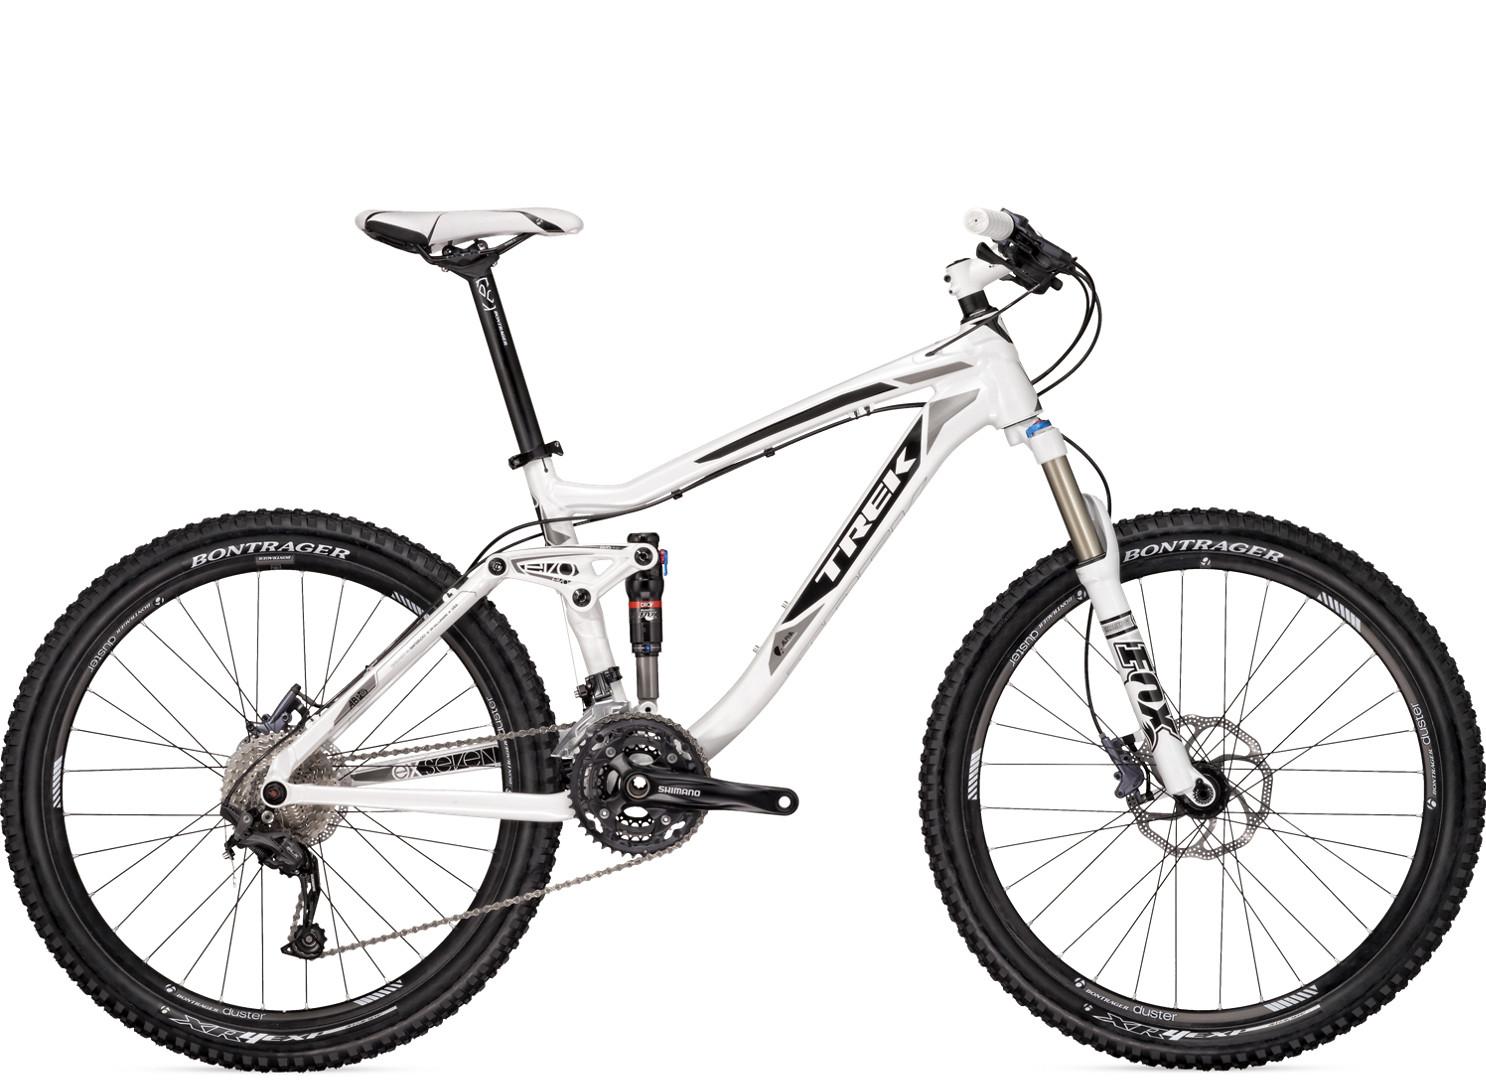 520d56bd83b 2012 Trek Fuel EX 7 Bike - Reviews, Comparisons, Specs - Mountain ...